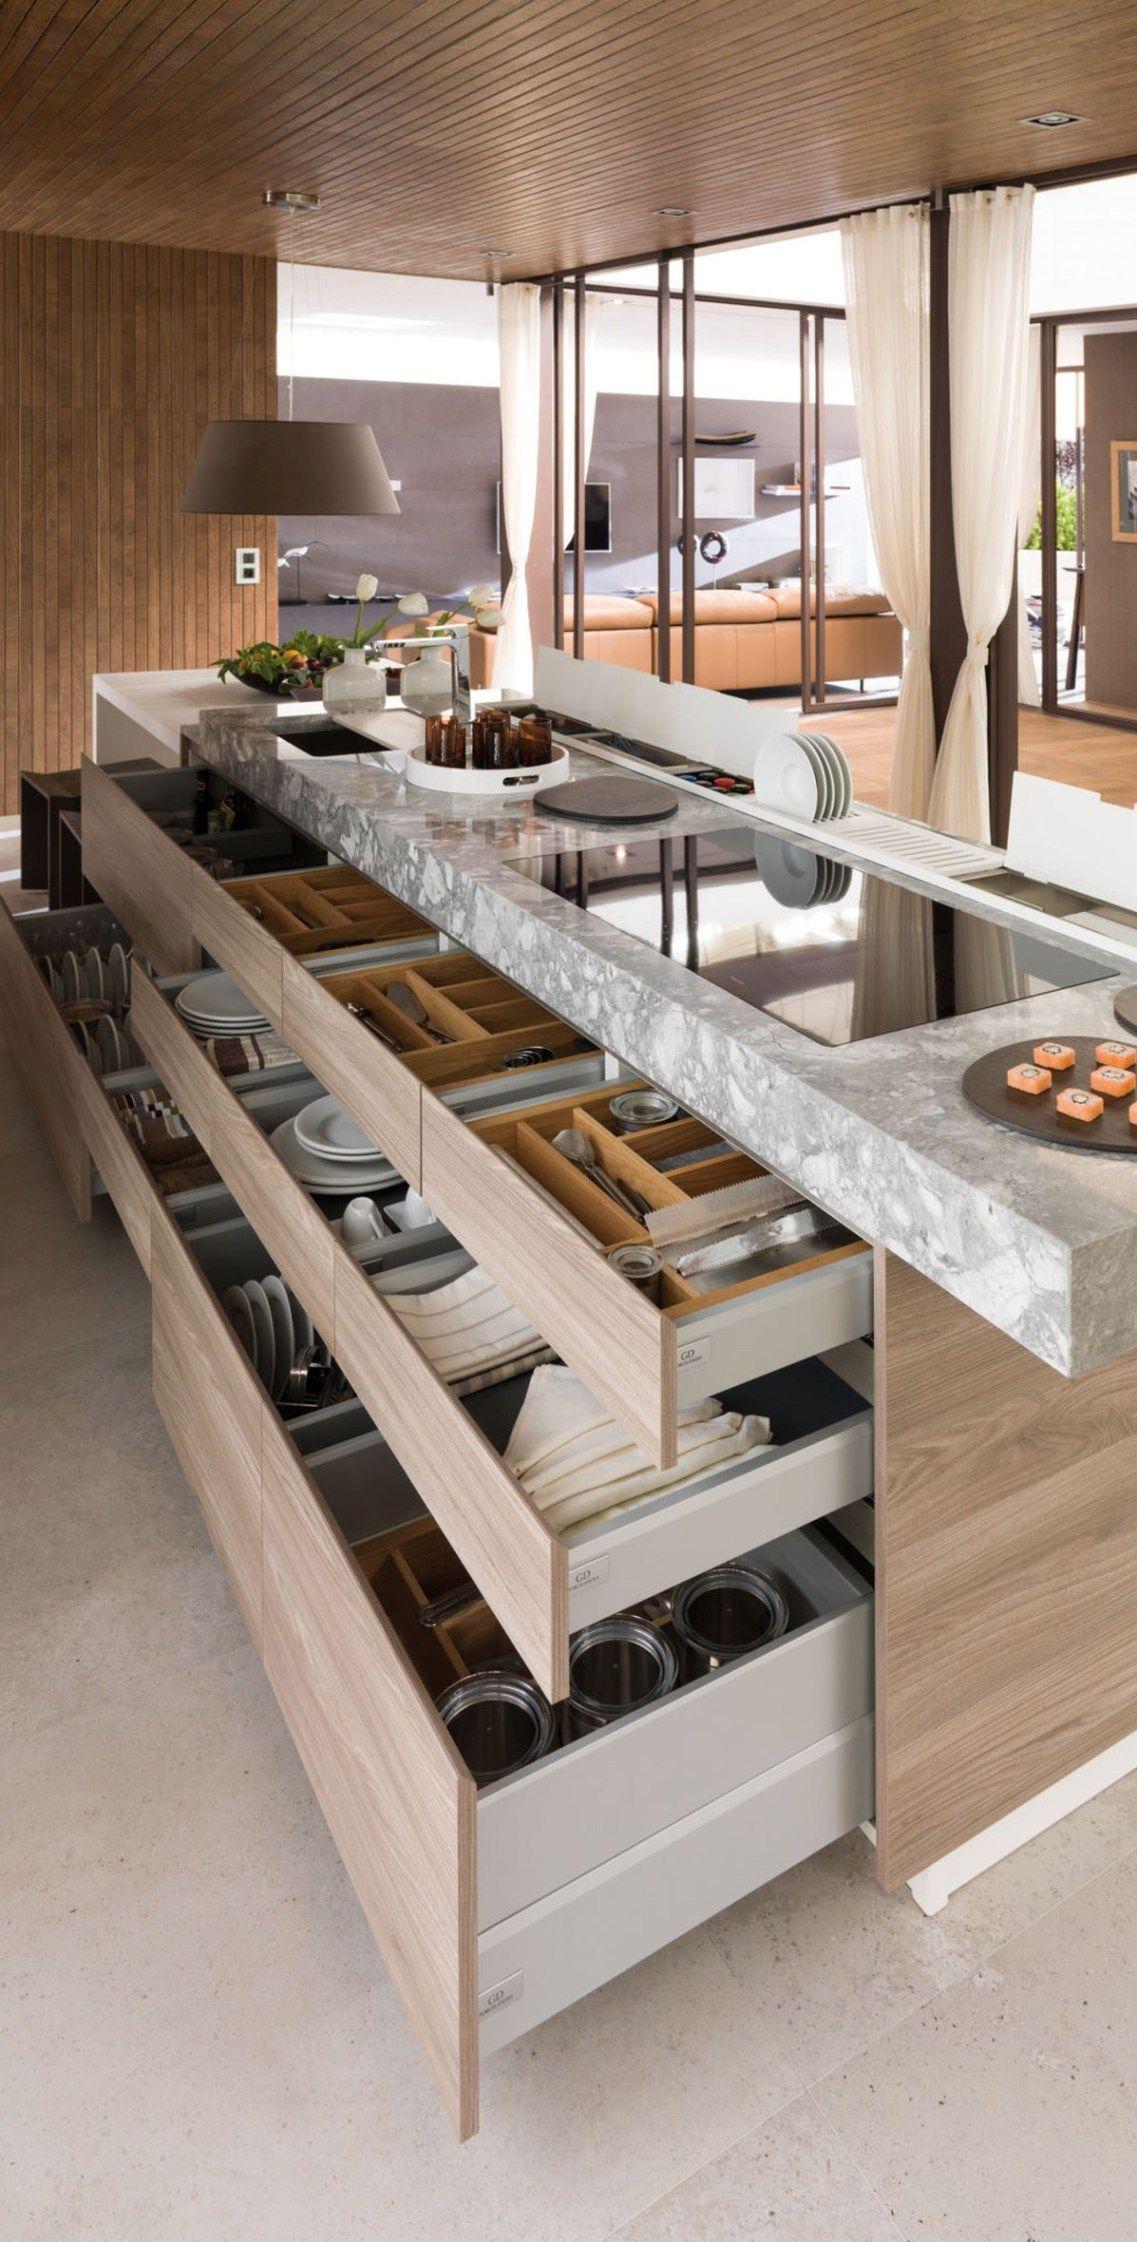 Functional Kitchen Design Kitchen Storage Ideas Image Gallery Contemporary Kitchen Design Kitchen Design Kitchen Interior